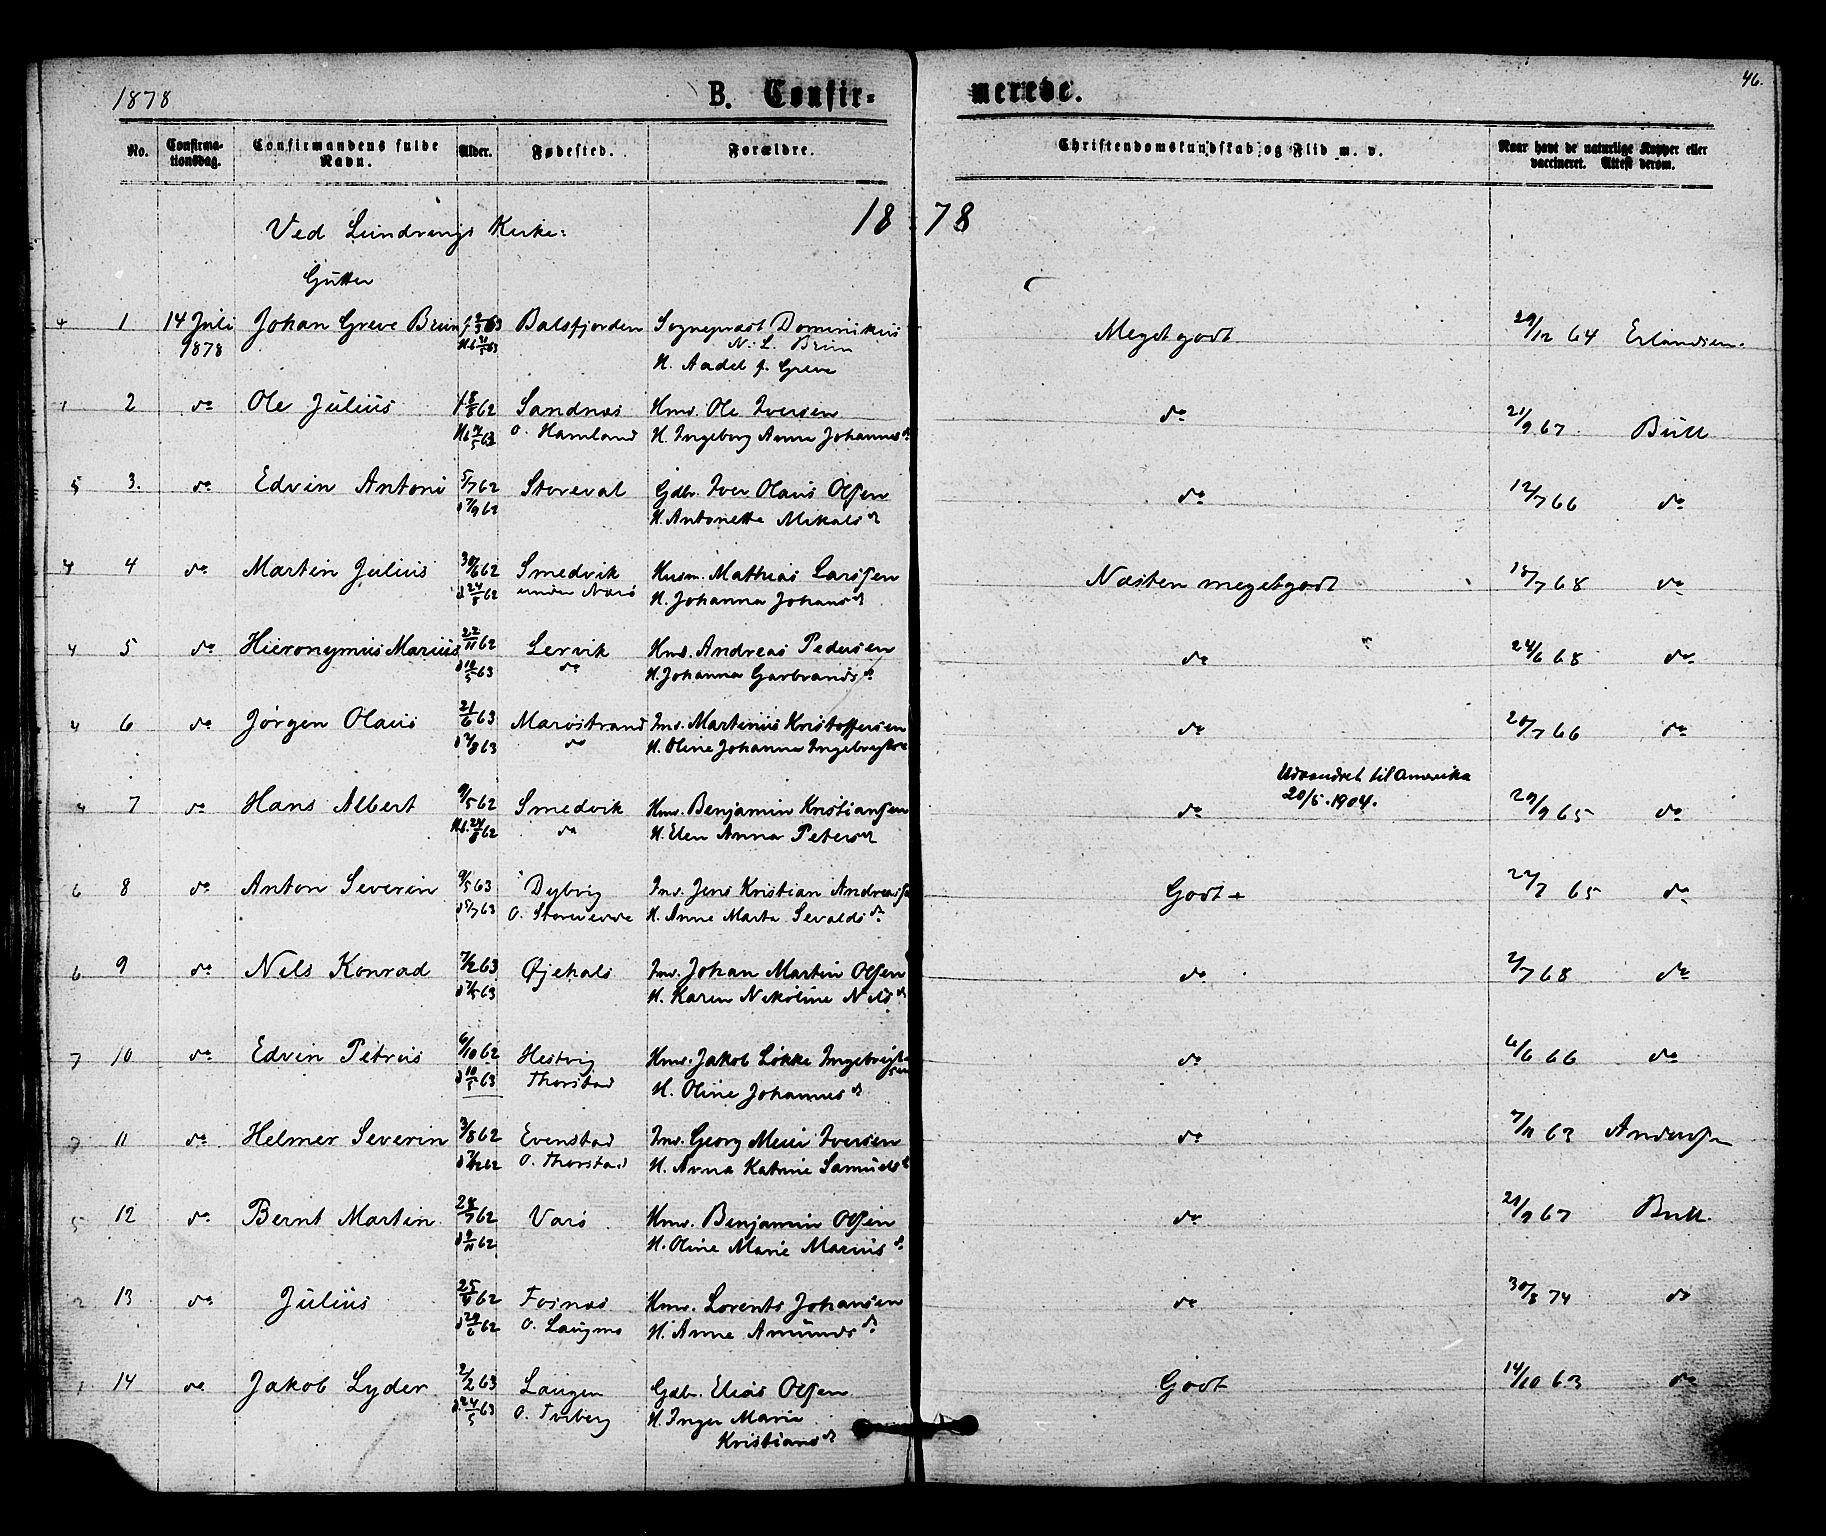 SAT, Ministerialprotokoller, klokkerbøker og fødselsregistre - Nord-Trøndelag, 784/L0671: Ministerialbok nr. 784A06, 1876-1879, s. 46